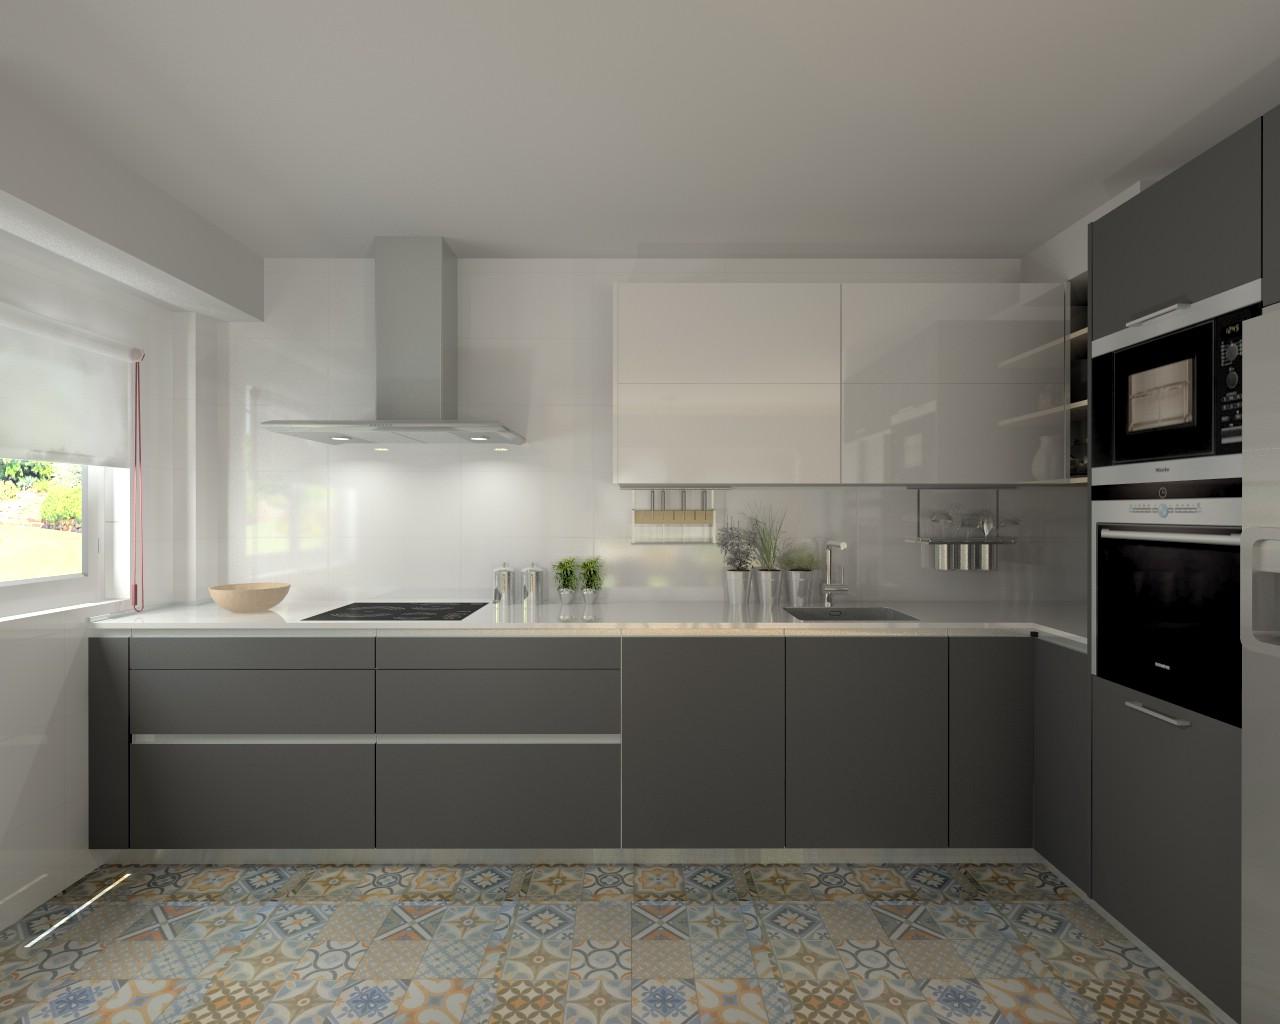 Madrid cocina santos modelo line e gris y line l for Cocinas blancas y grises fotos